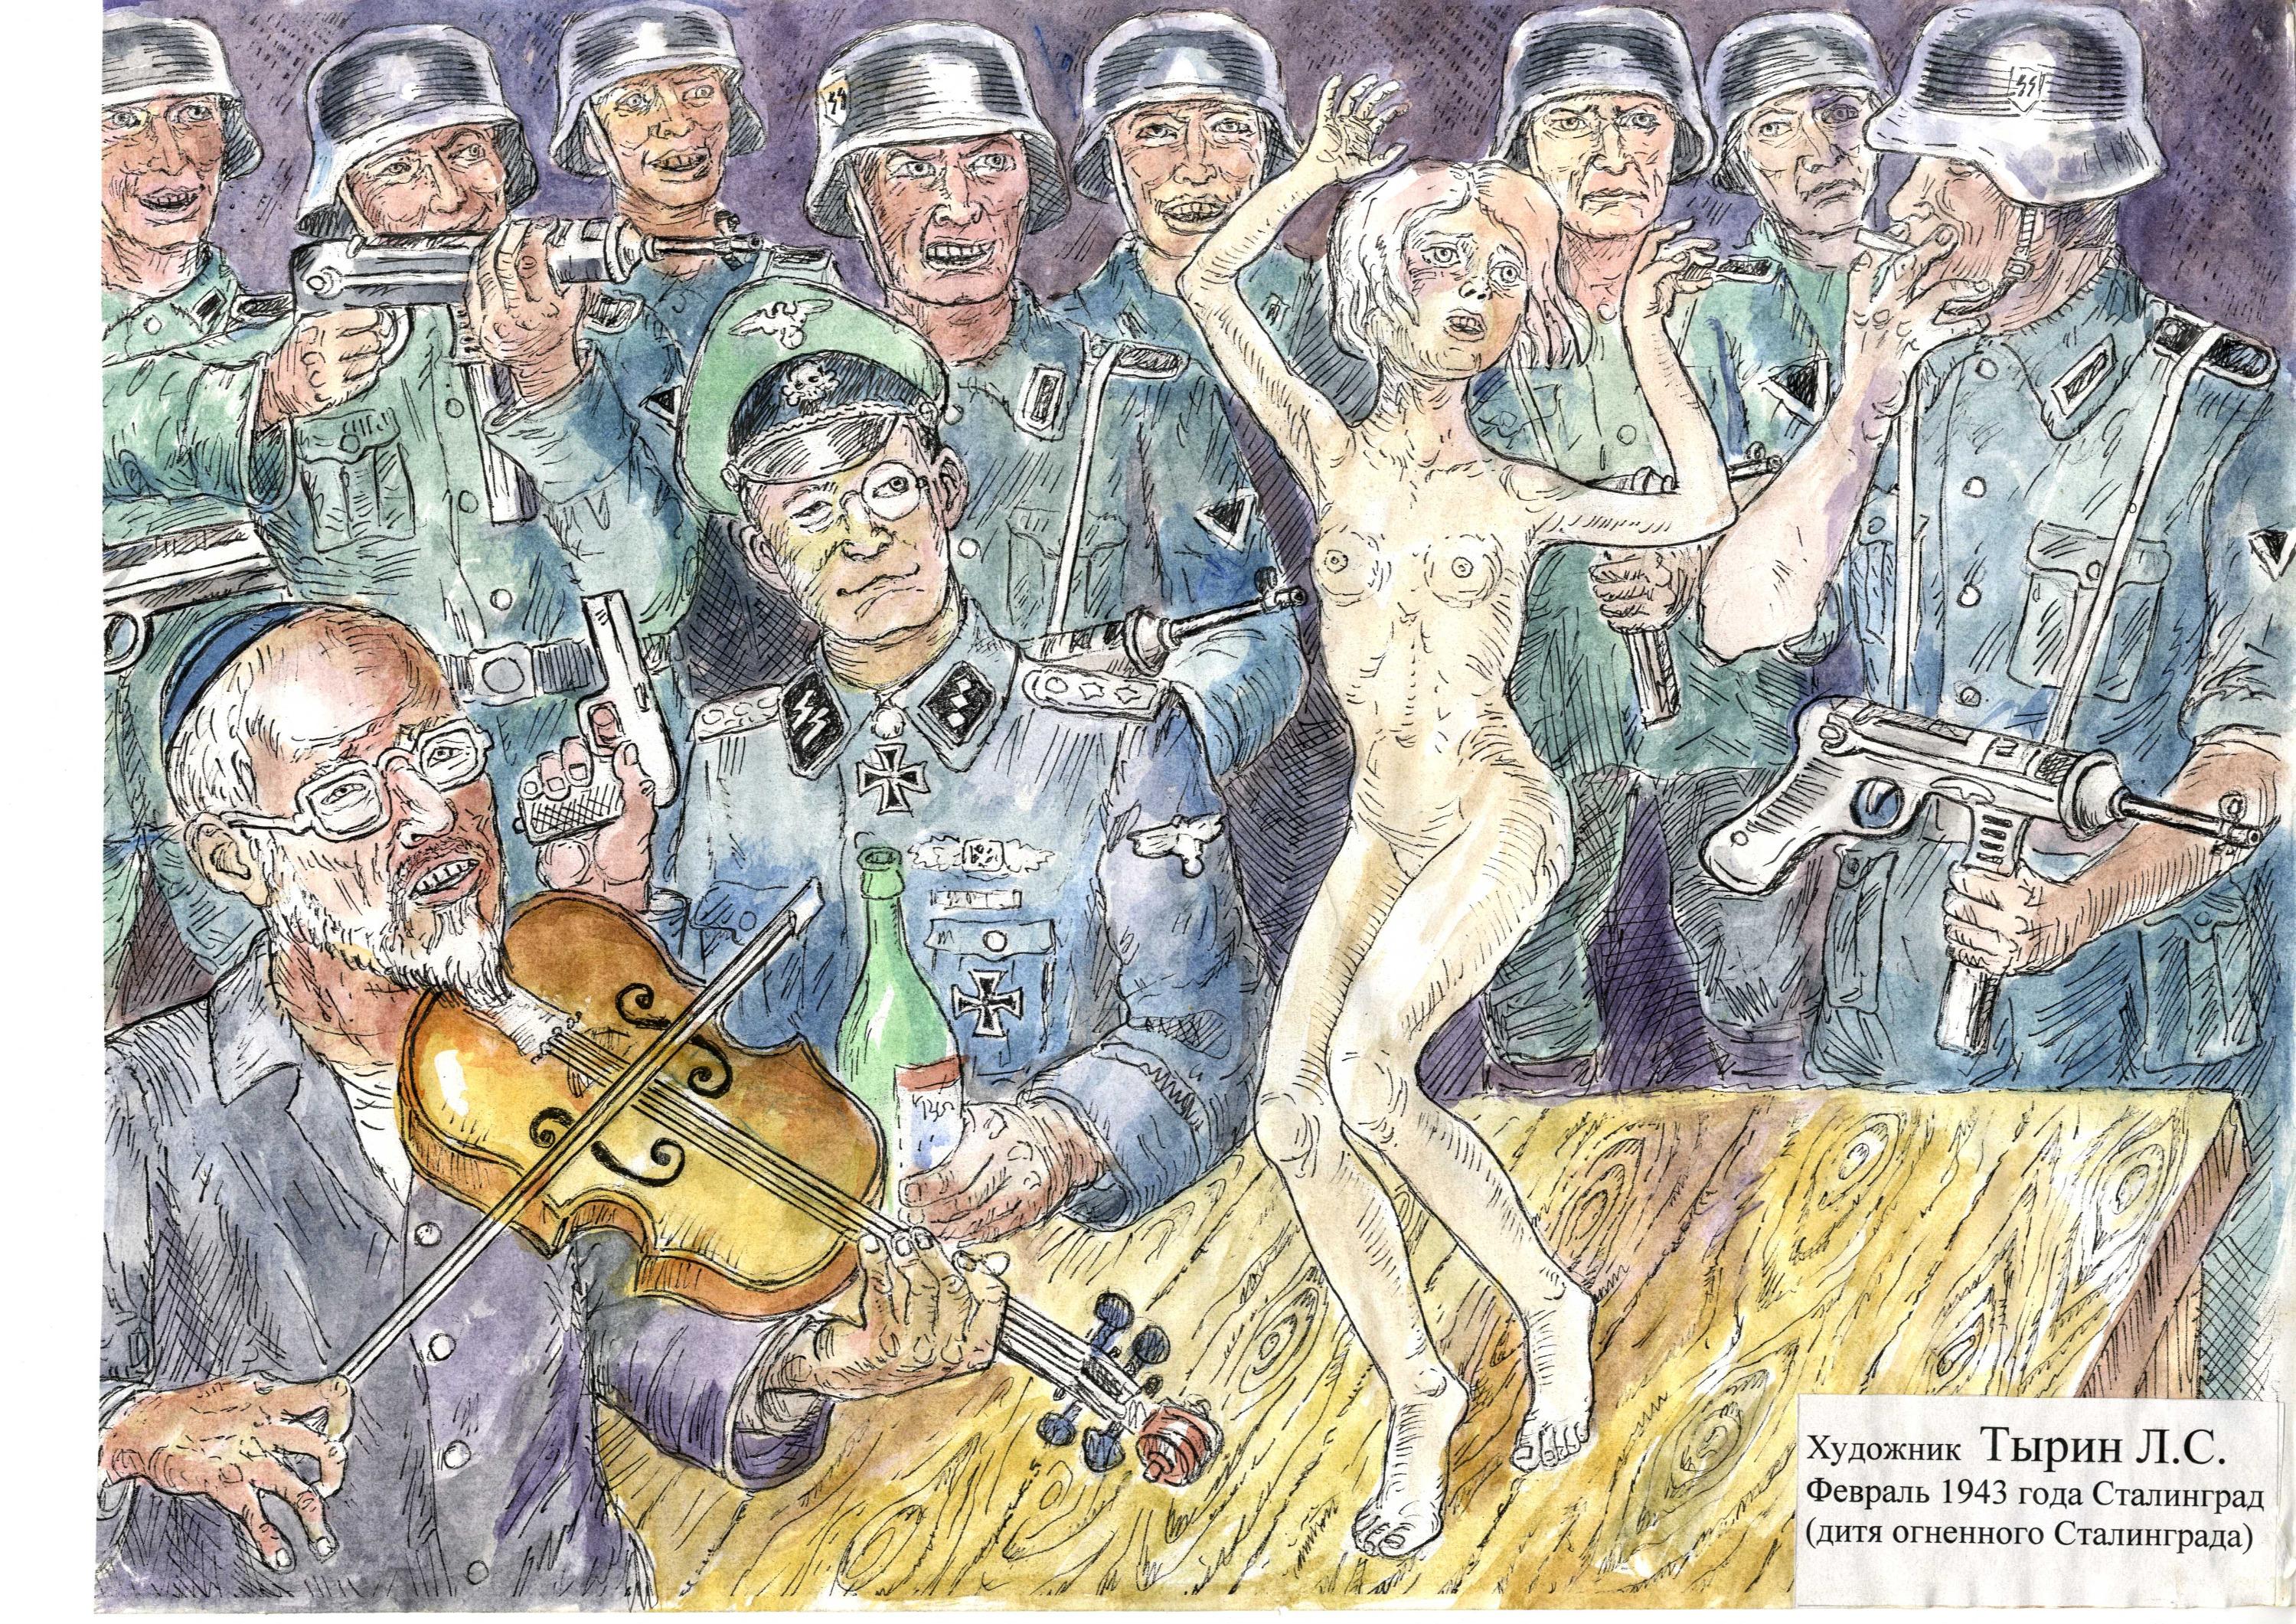 В книгу не вошли самые жуткие картины Льва Тырина